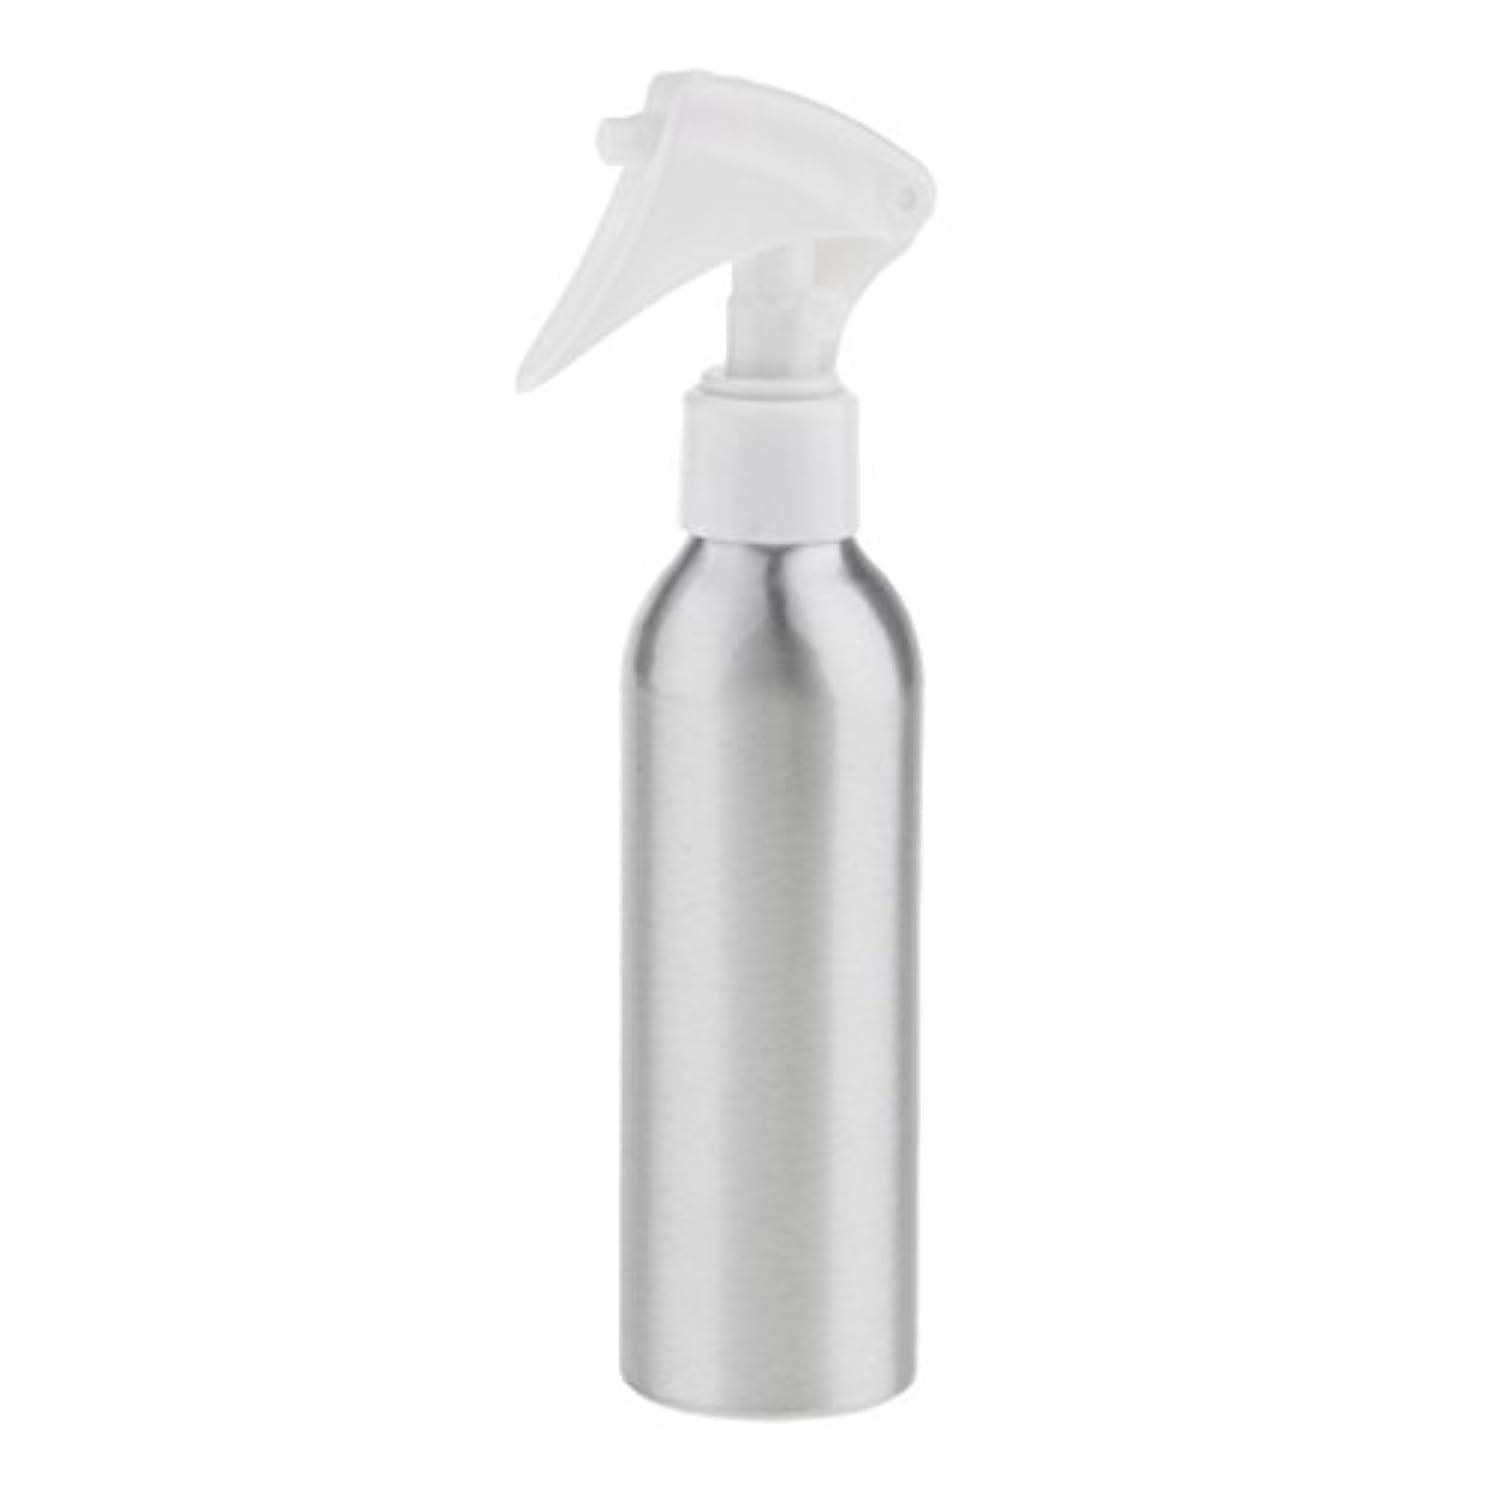 風刺増加するエコースプレーボトル - 空の詰め替え式の容器は精油、クリーニング製品、自家製の洗剤、アロマテラピー、水とミストプラント、そしてクリーニング用の酢の混合物に最適 - 150ML